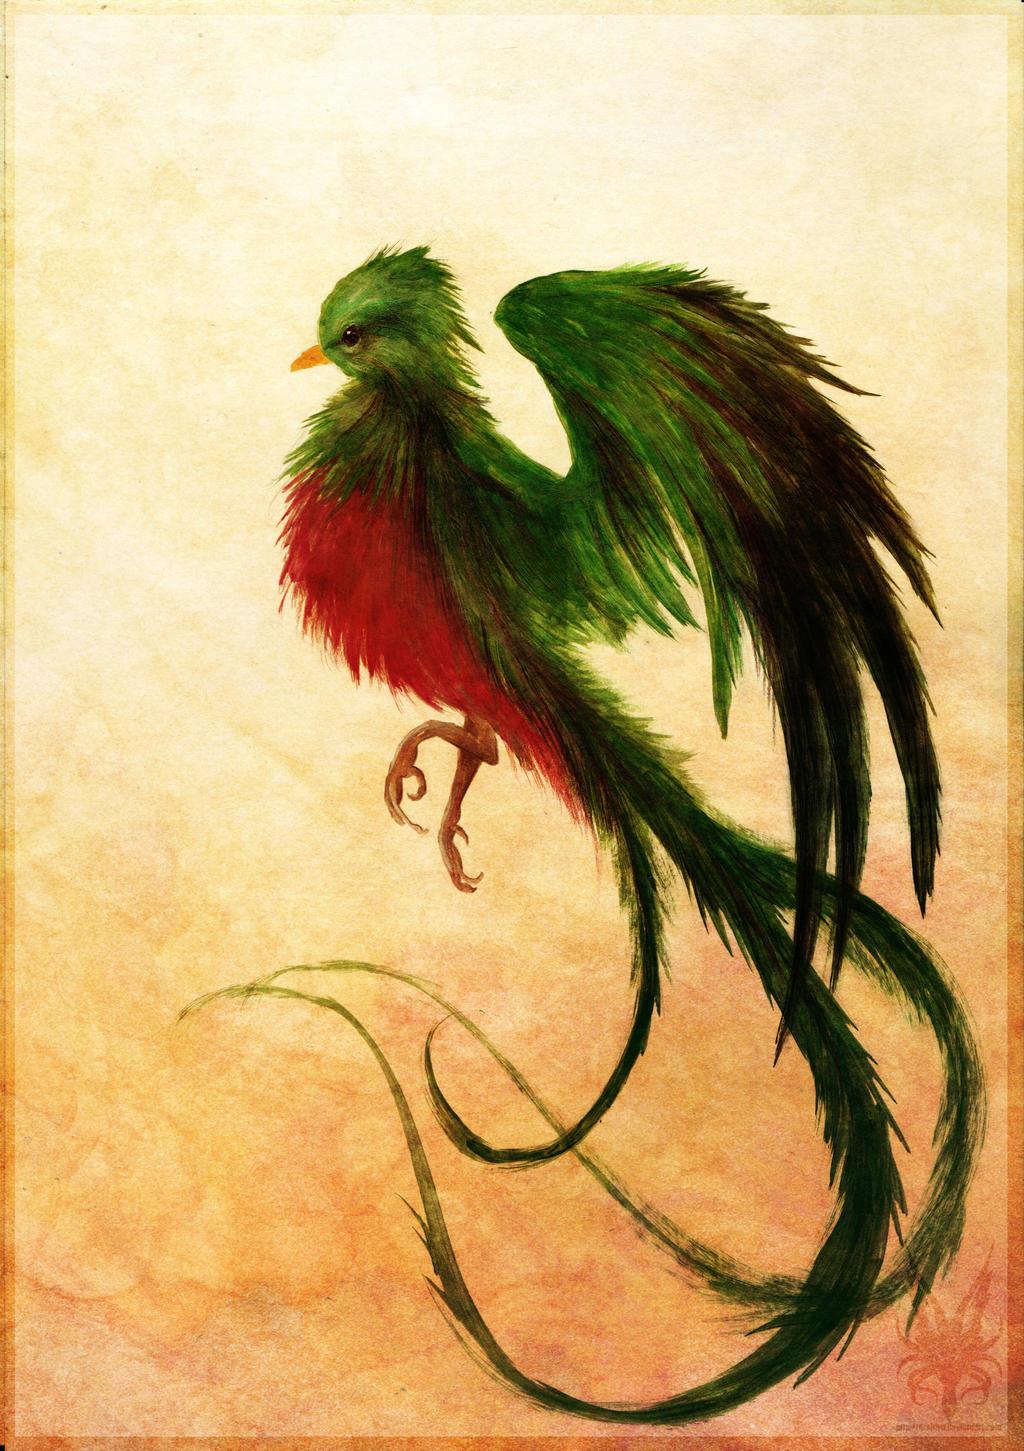 Resplendent Design From Katarzyna Kraszewska: Quetzal By Lyswen On DeviantArt